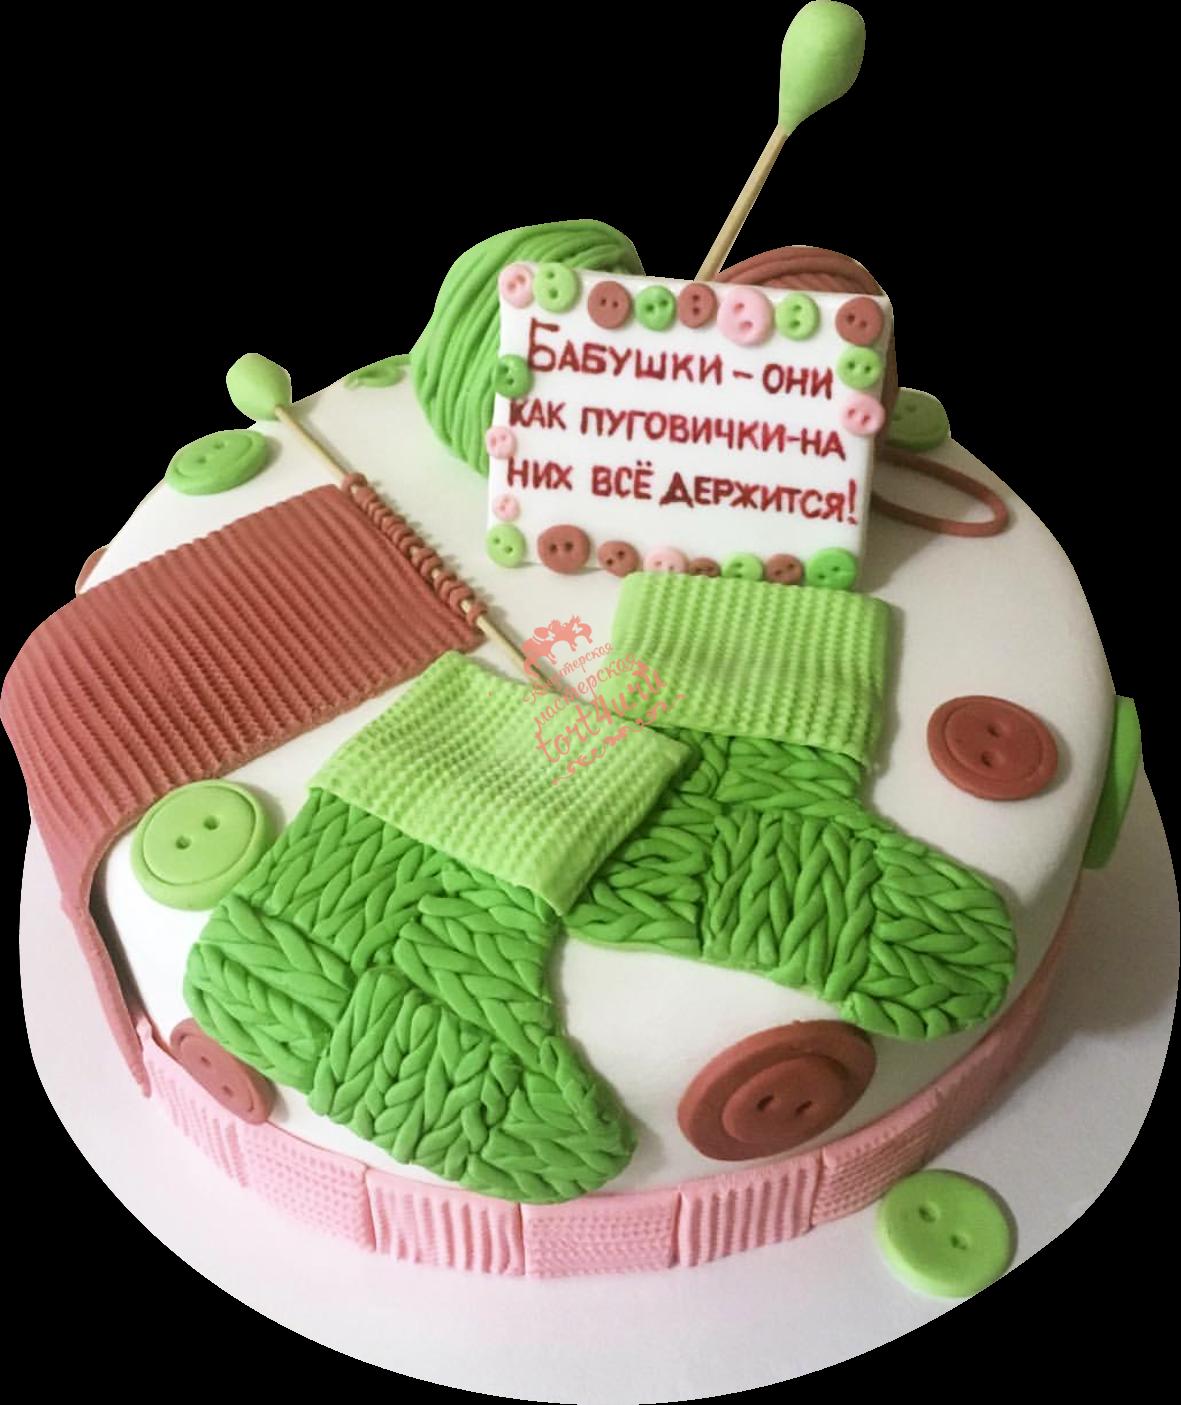 Учителю началом, картинки торта с днем рождения бабушке